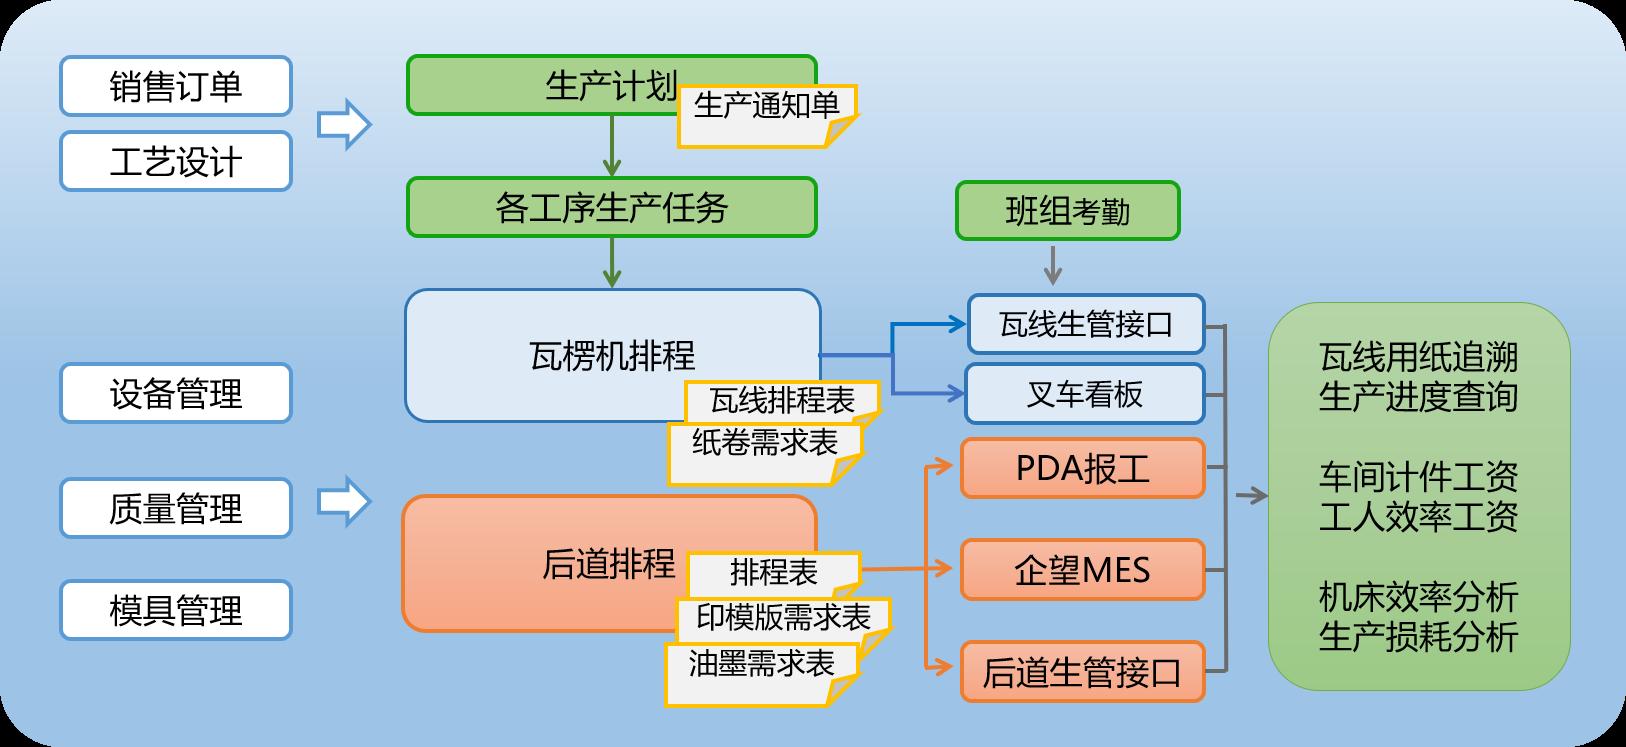 生产管理.png